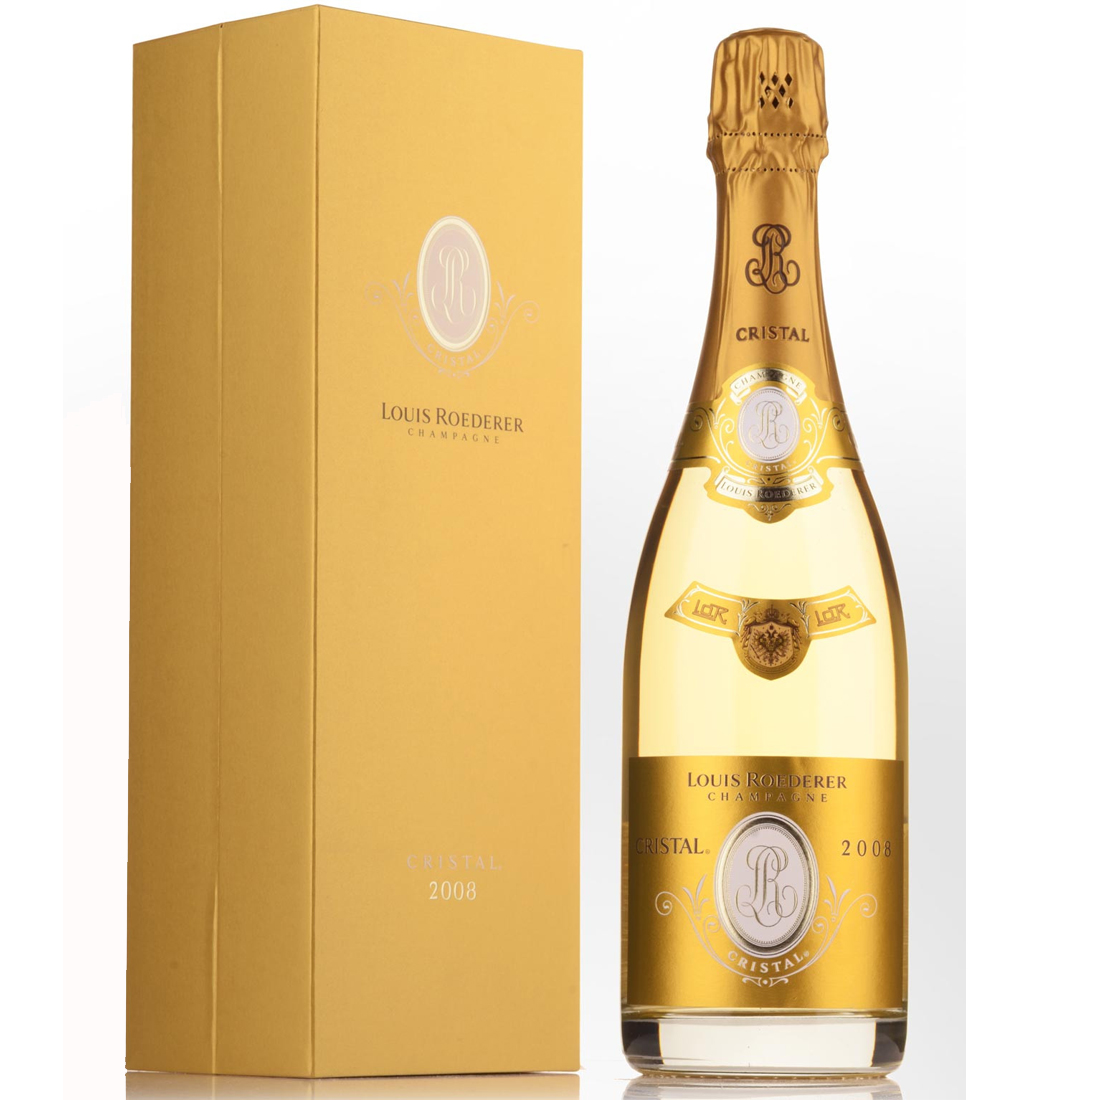 Champagne, Louis Roederer, Cristal 2008 i Gaveæske